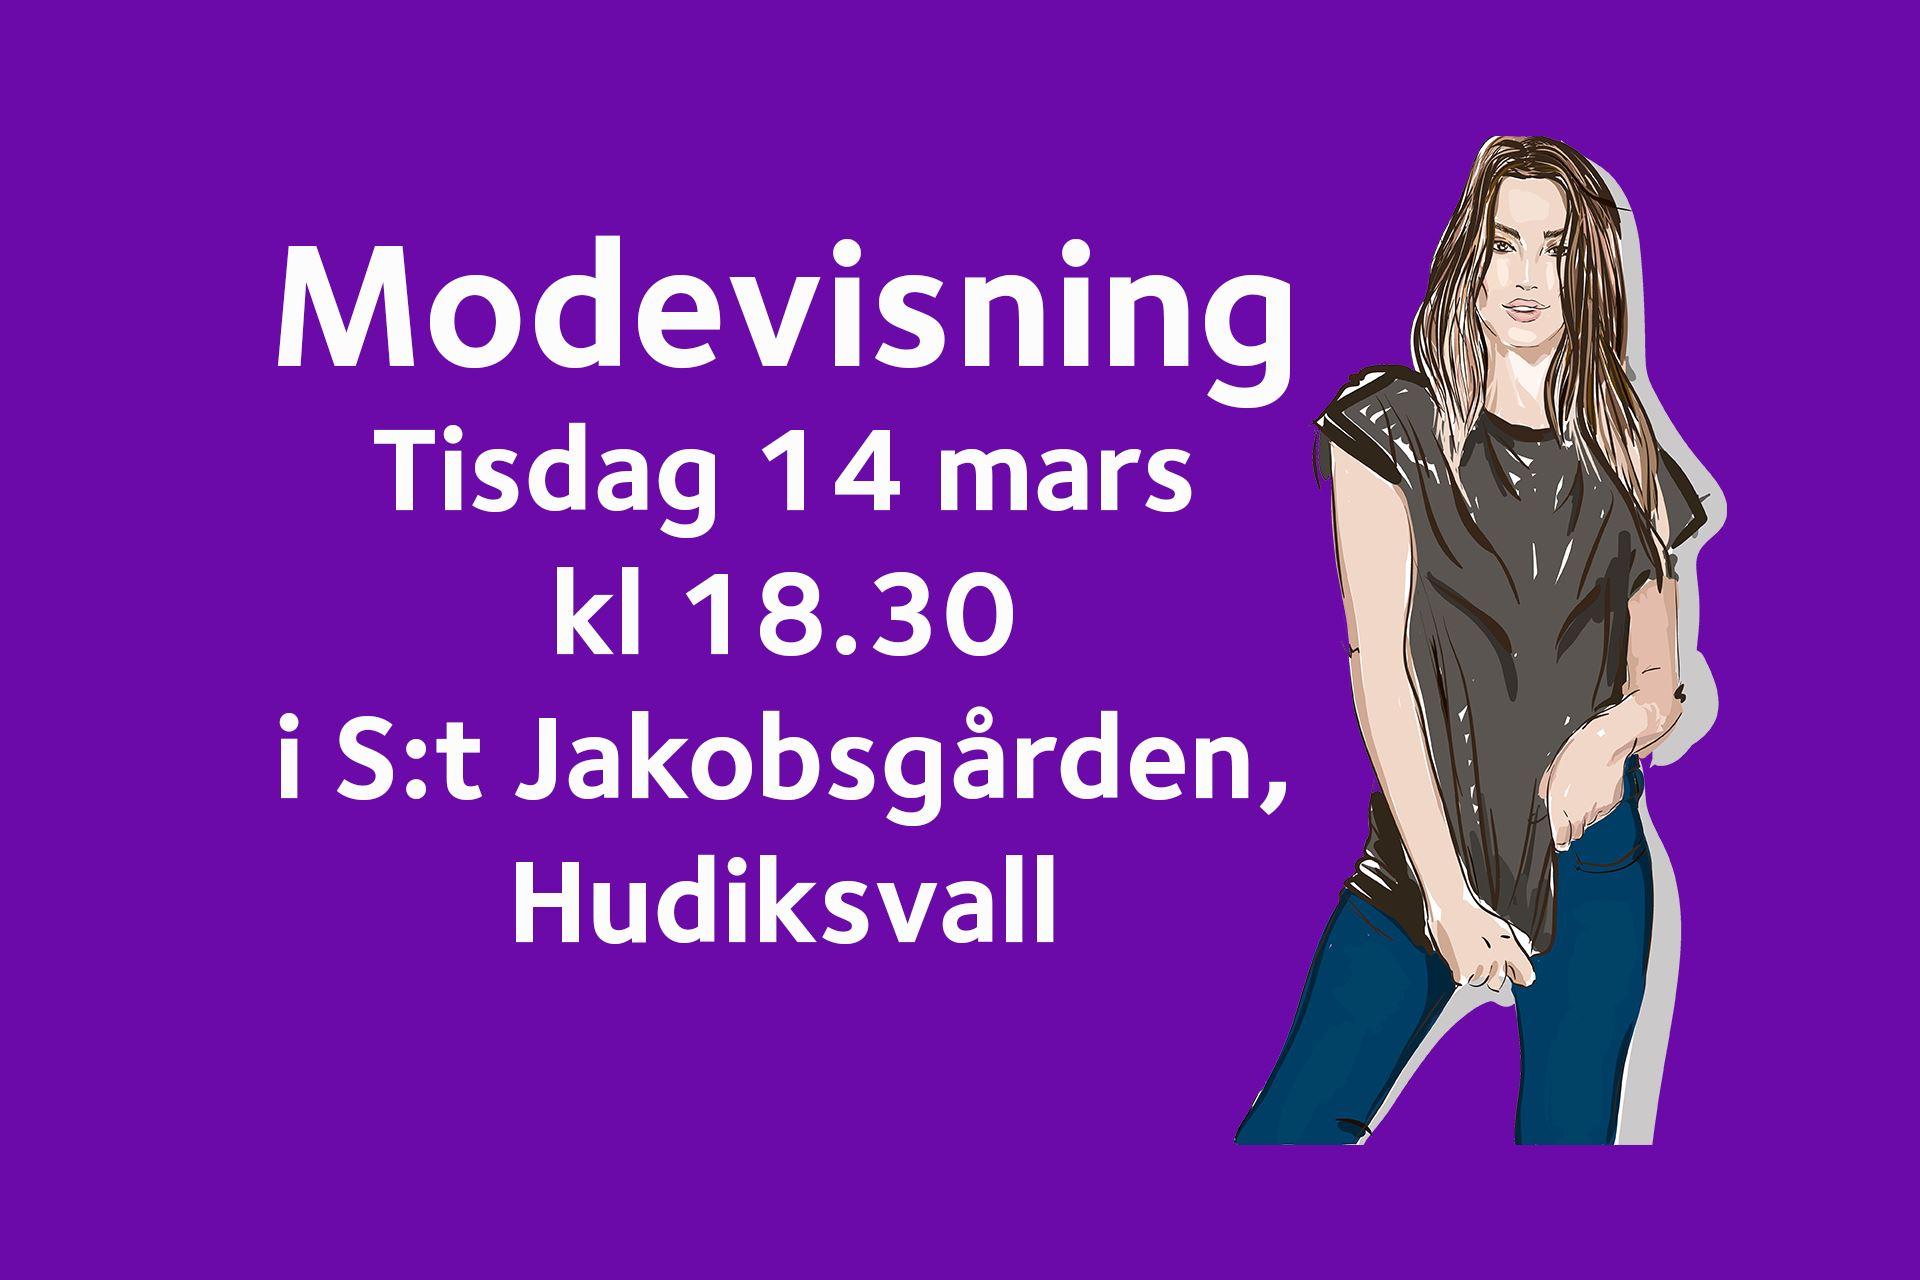 Modevisning i S:t Jakobsgården, Hudiksvall